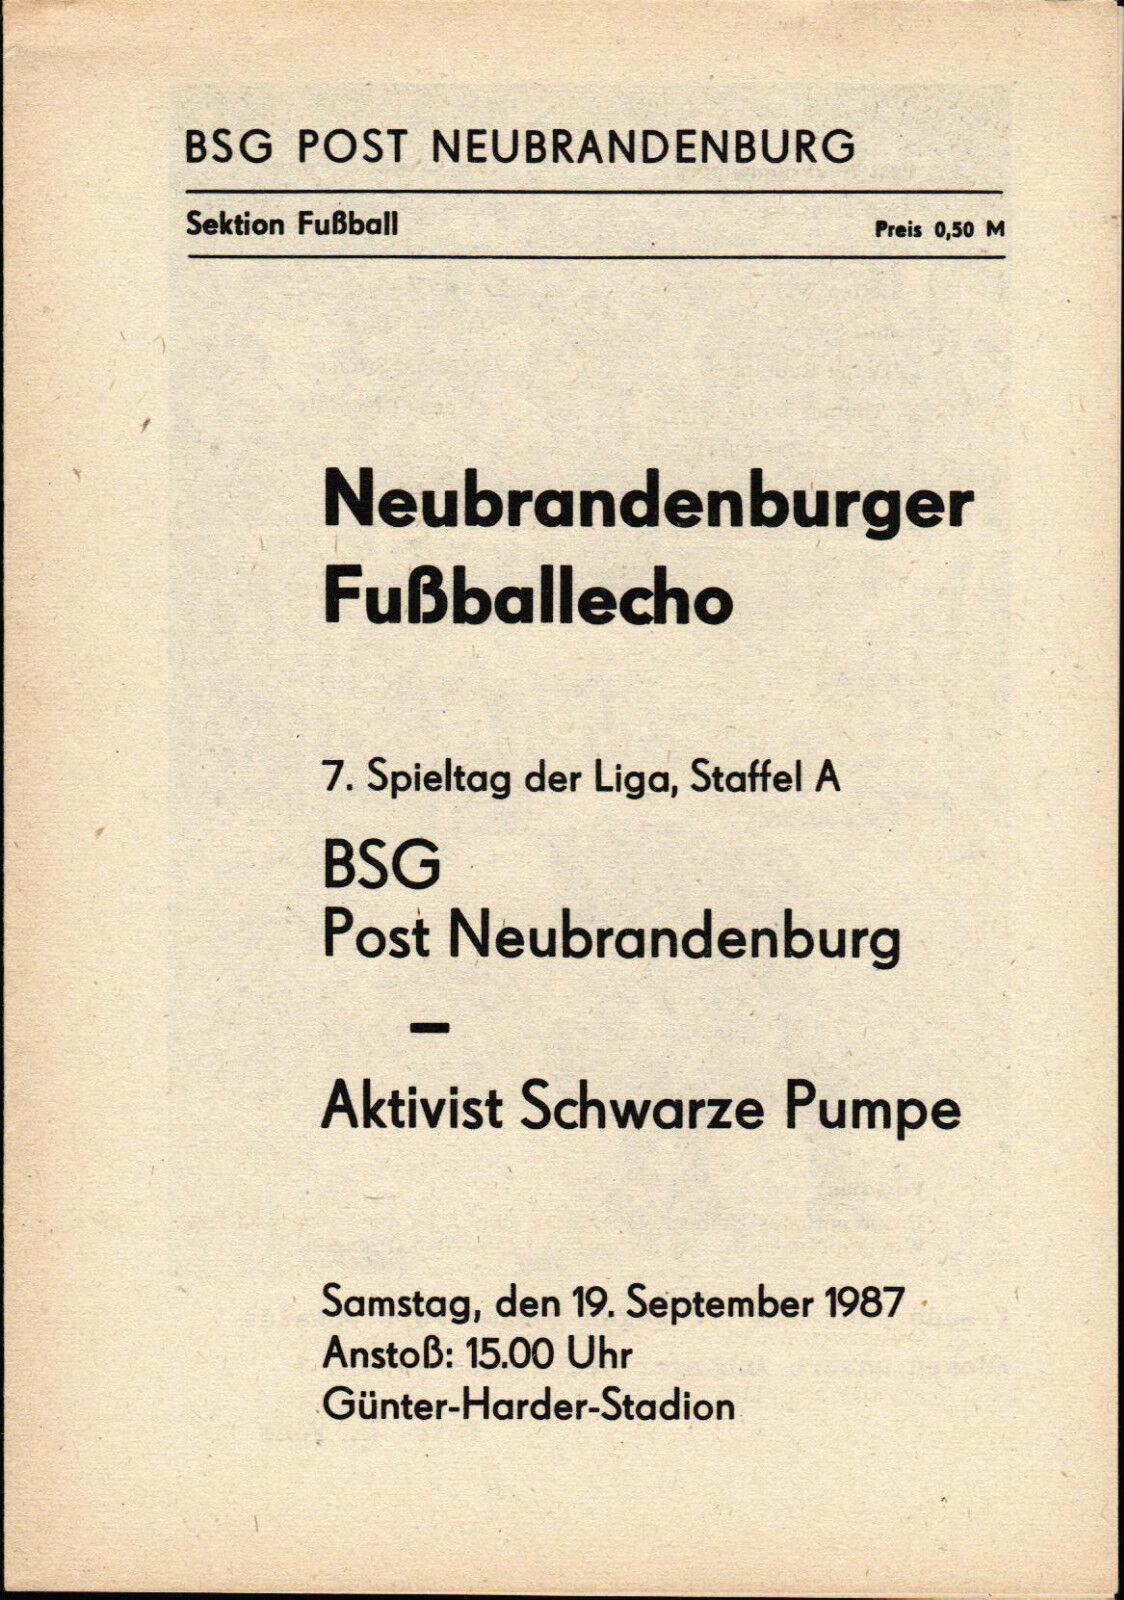 DDR-Liga brandenburg 87/88 BSG Bureau de poste brandenburg DDR-Liga Activiste Noirs Pompe,19.09.1987 59532c